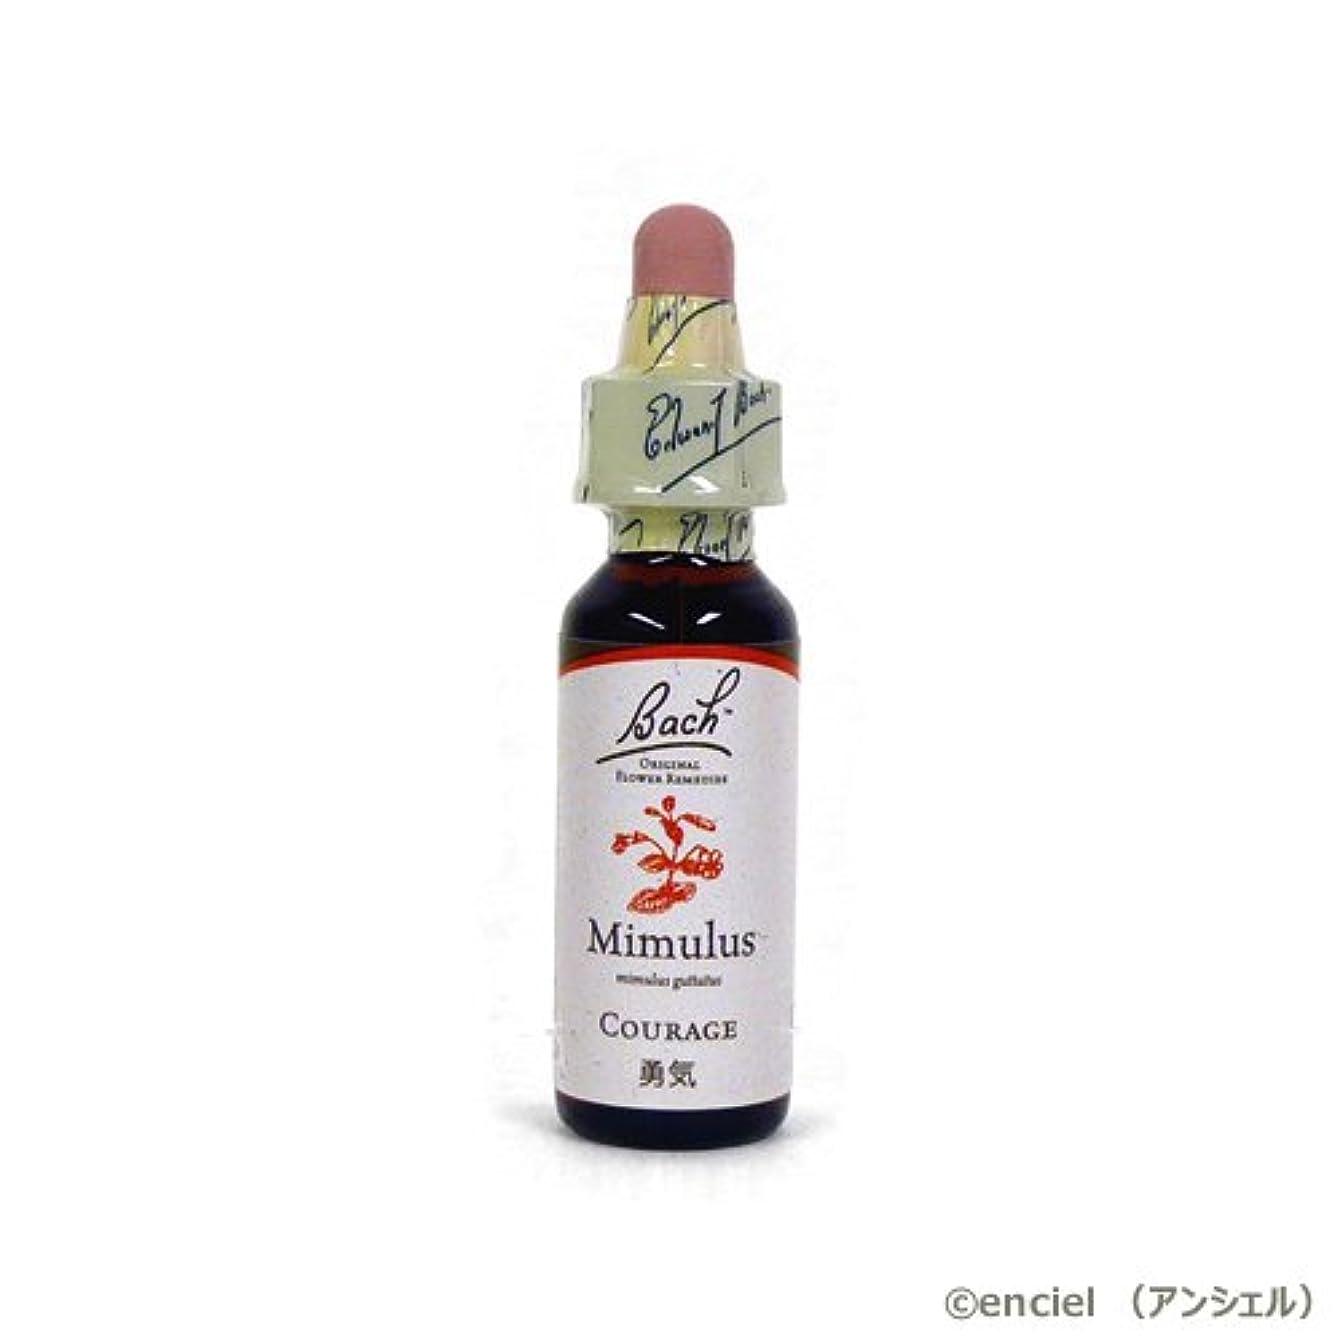 場合交渉する備品バッチフラワー レメディ ミムラス 10ml グリセリンタイプ 日本国内正規品